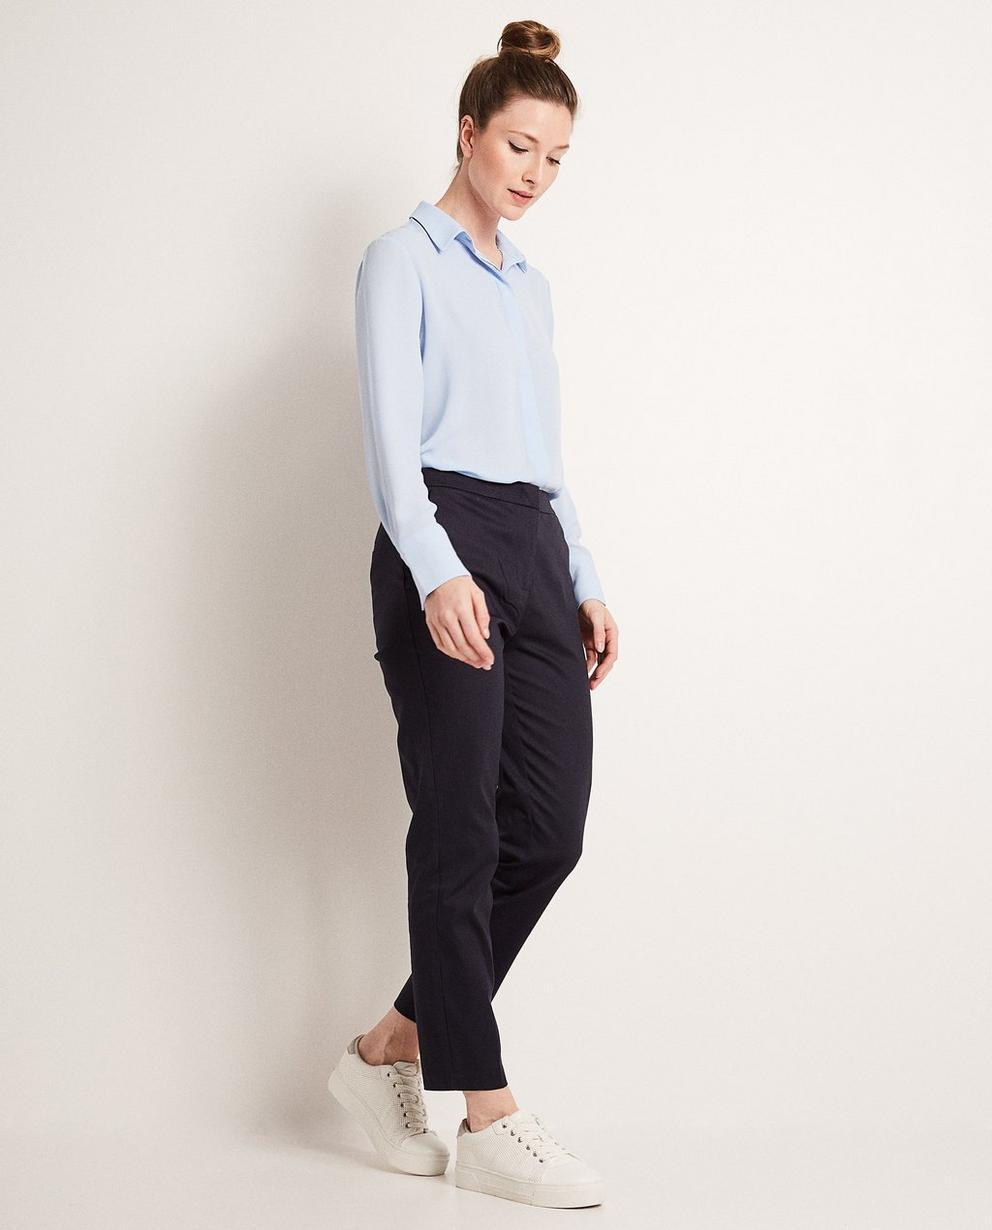 Pantalon BCBG  - taille élastique - JBC